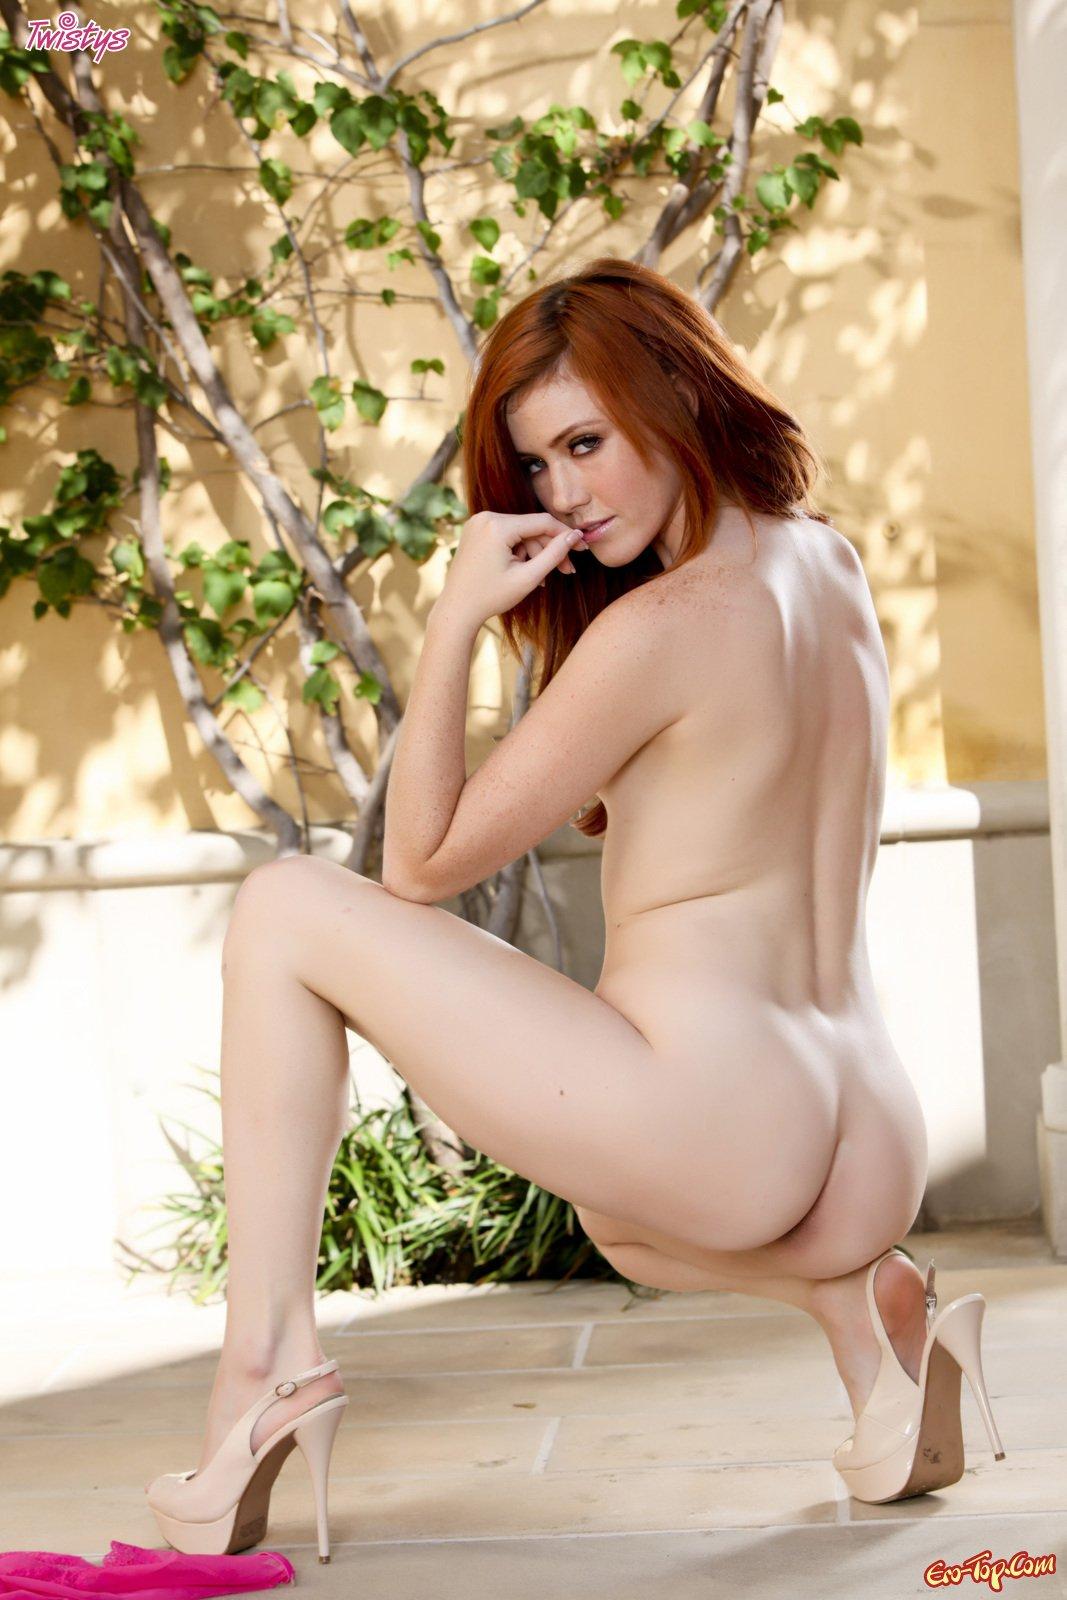 самая красивая актриса порно фильмов для взрослых фото